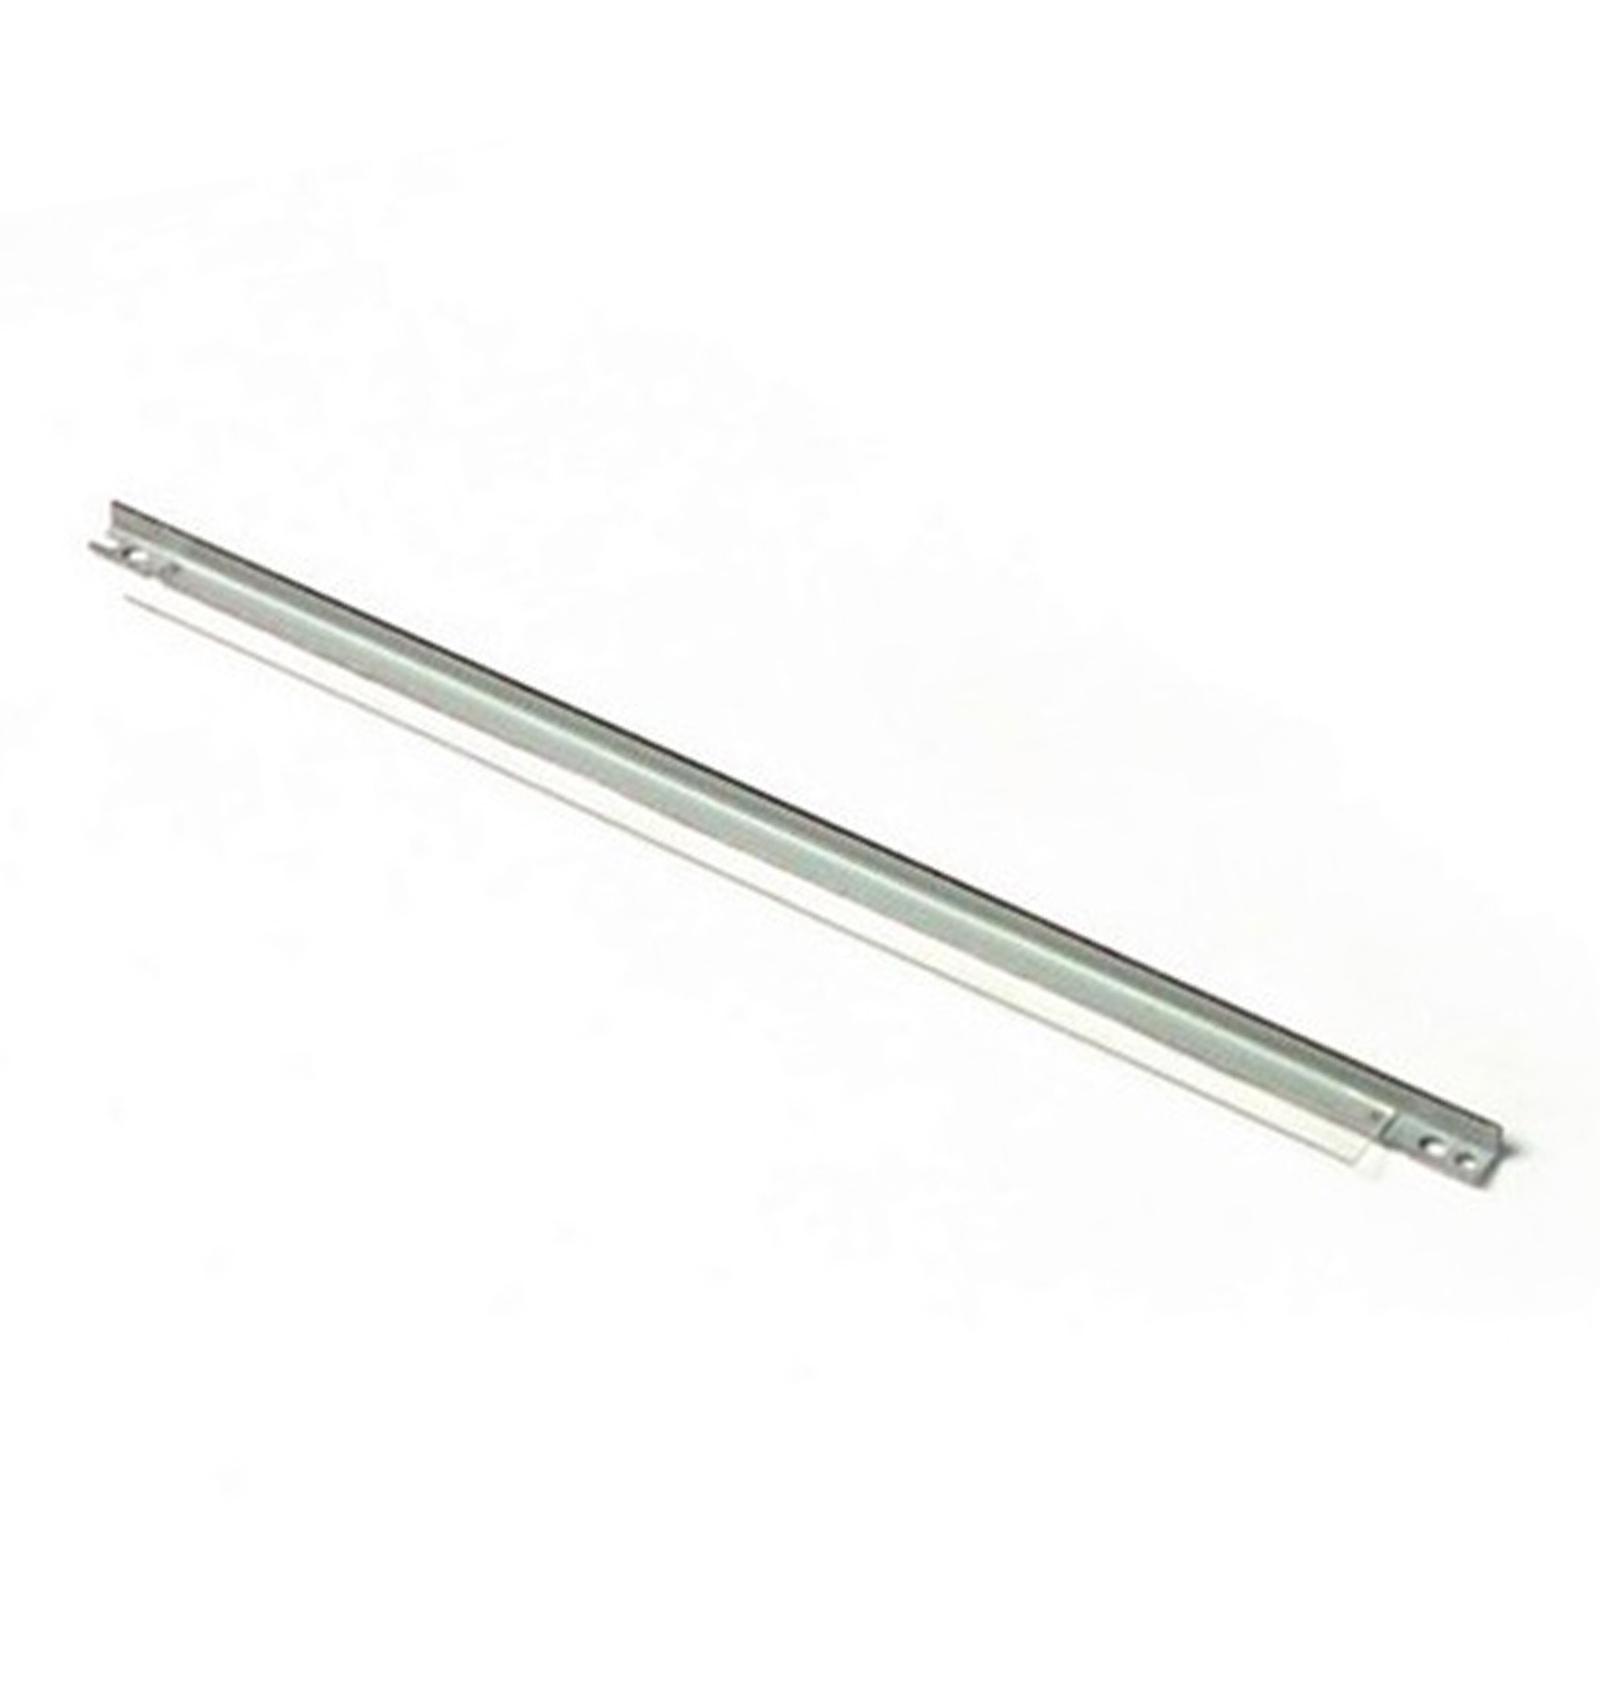 Замена дозирующего лезвия магнитого вала картриджа HP Q2612A (12A) для LaserJet 1010/1018/1020/1022/3050/3055/M1005 mfp/M1319 mfp